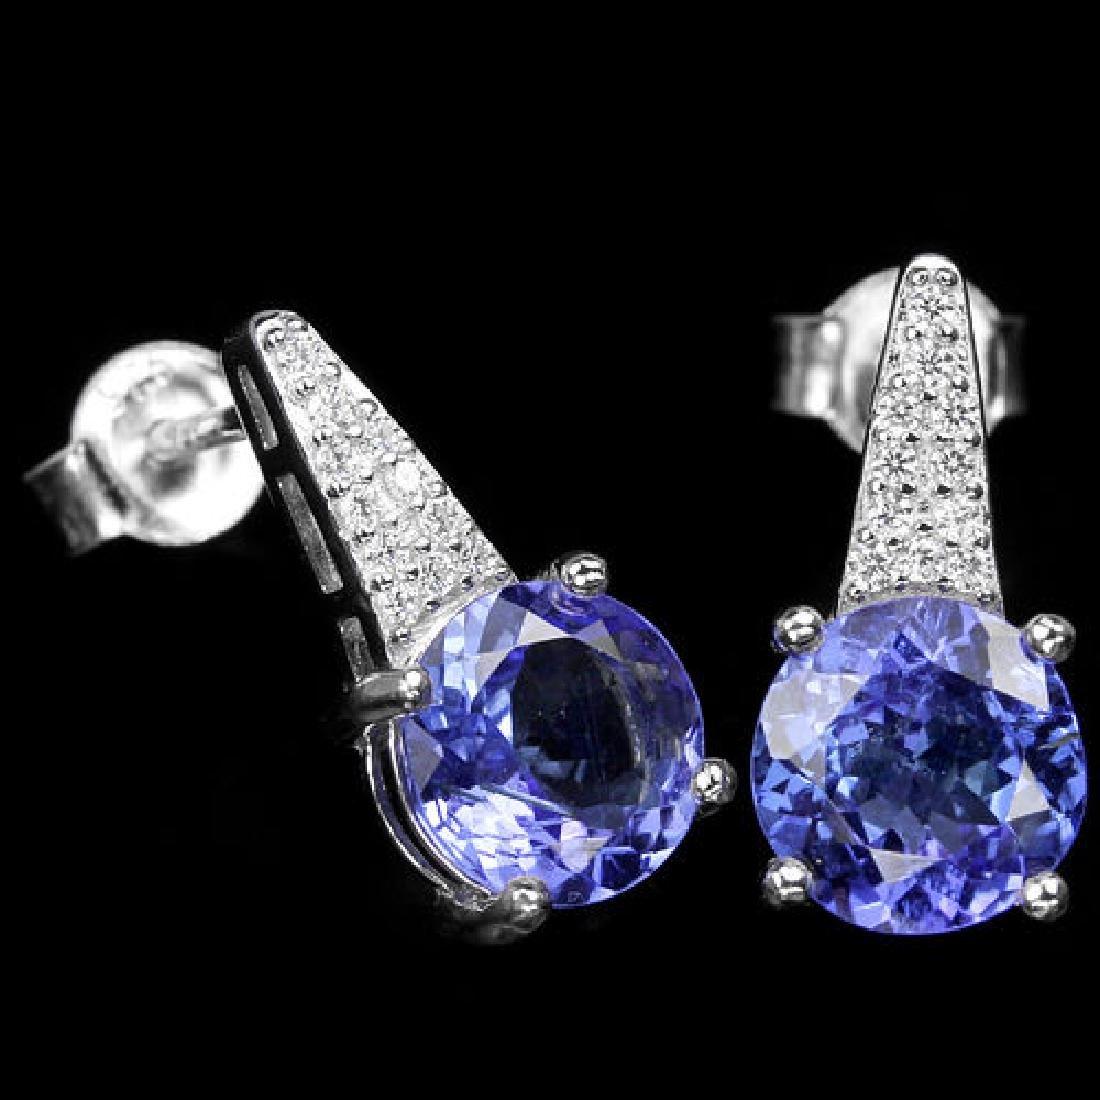 Natural Tanzanite Gemstone Earrings